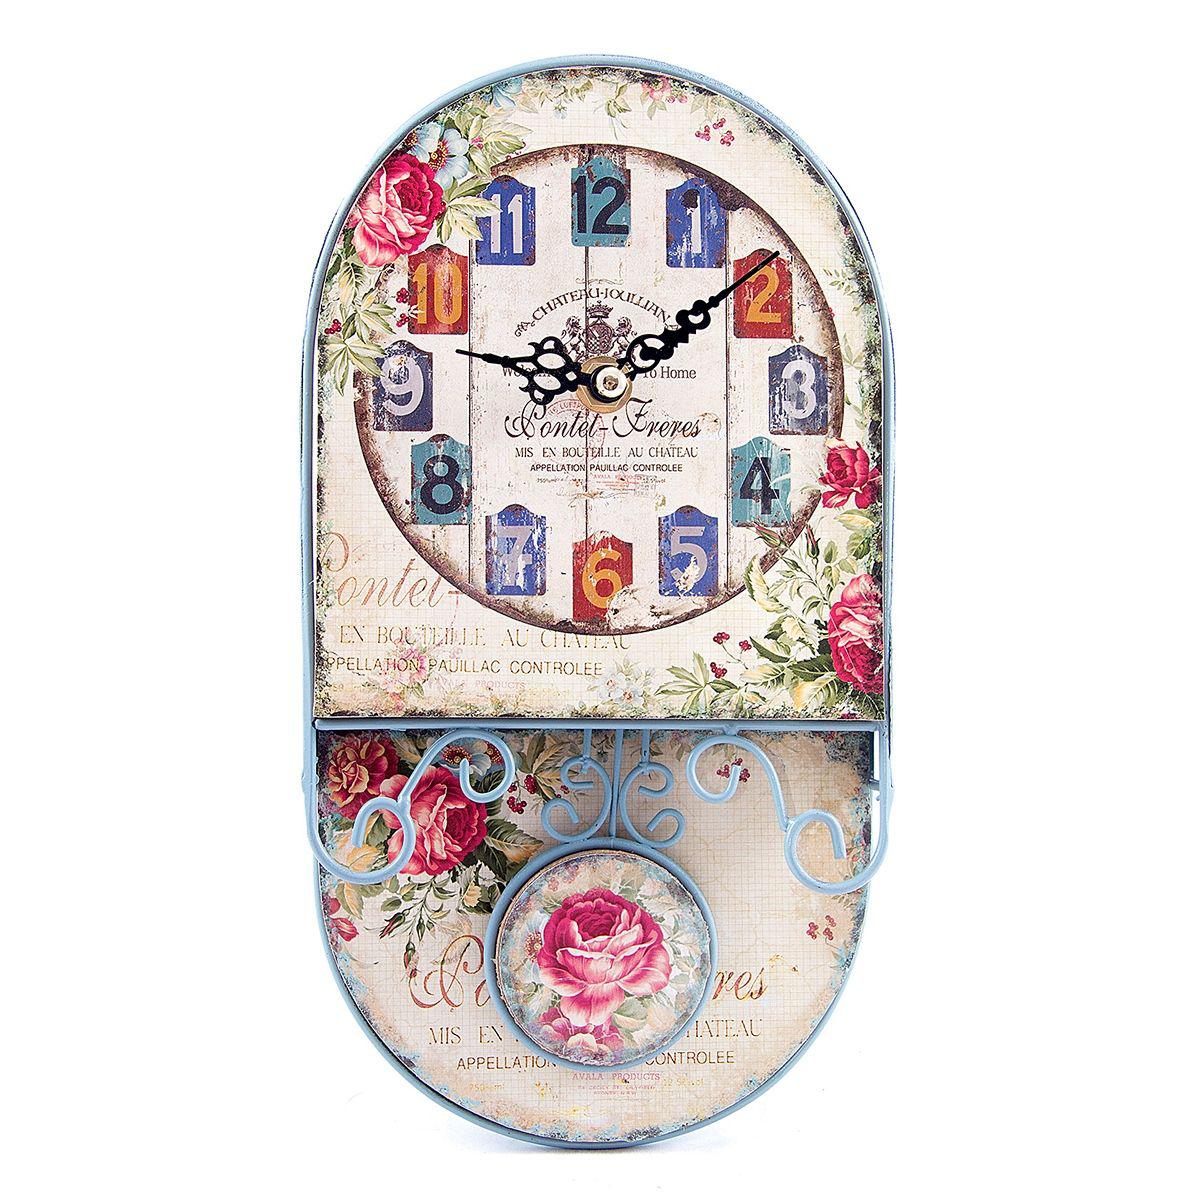 Часы настенные Русские Подарки, 14 х 26 х 6 см. 2962994672Настенные кварцевые часы Русские Подарки изготовлены из МДФ. Корпус оформлен изображением цветов и надписей. Часы имеют две стрелки - часовую и минутную. Циферблат не защищен стеклом. С обратной стороны имеется петелька для подвешивания на стену.Изящные часы красиво и оригинально оформят интерьер дома или офиса.